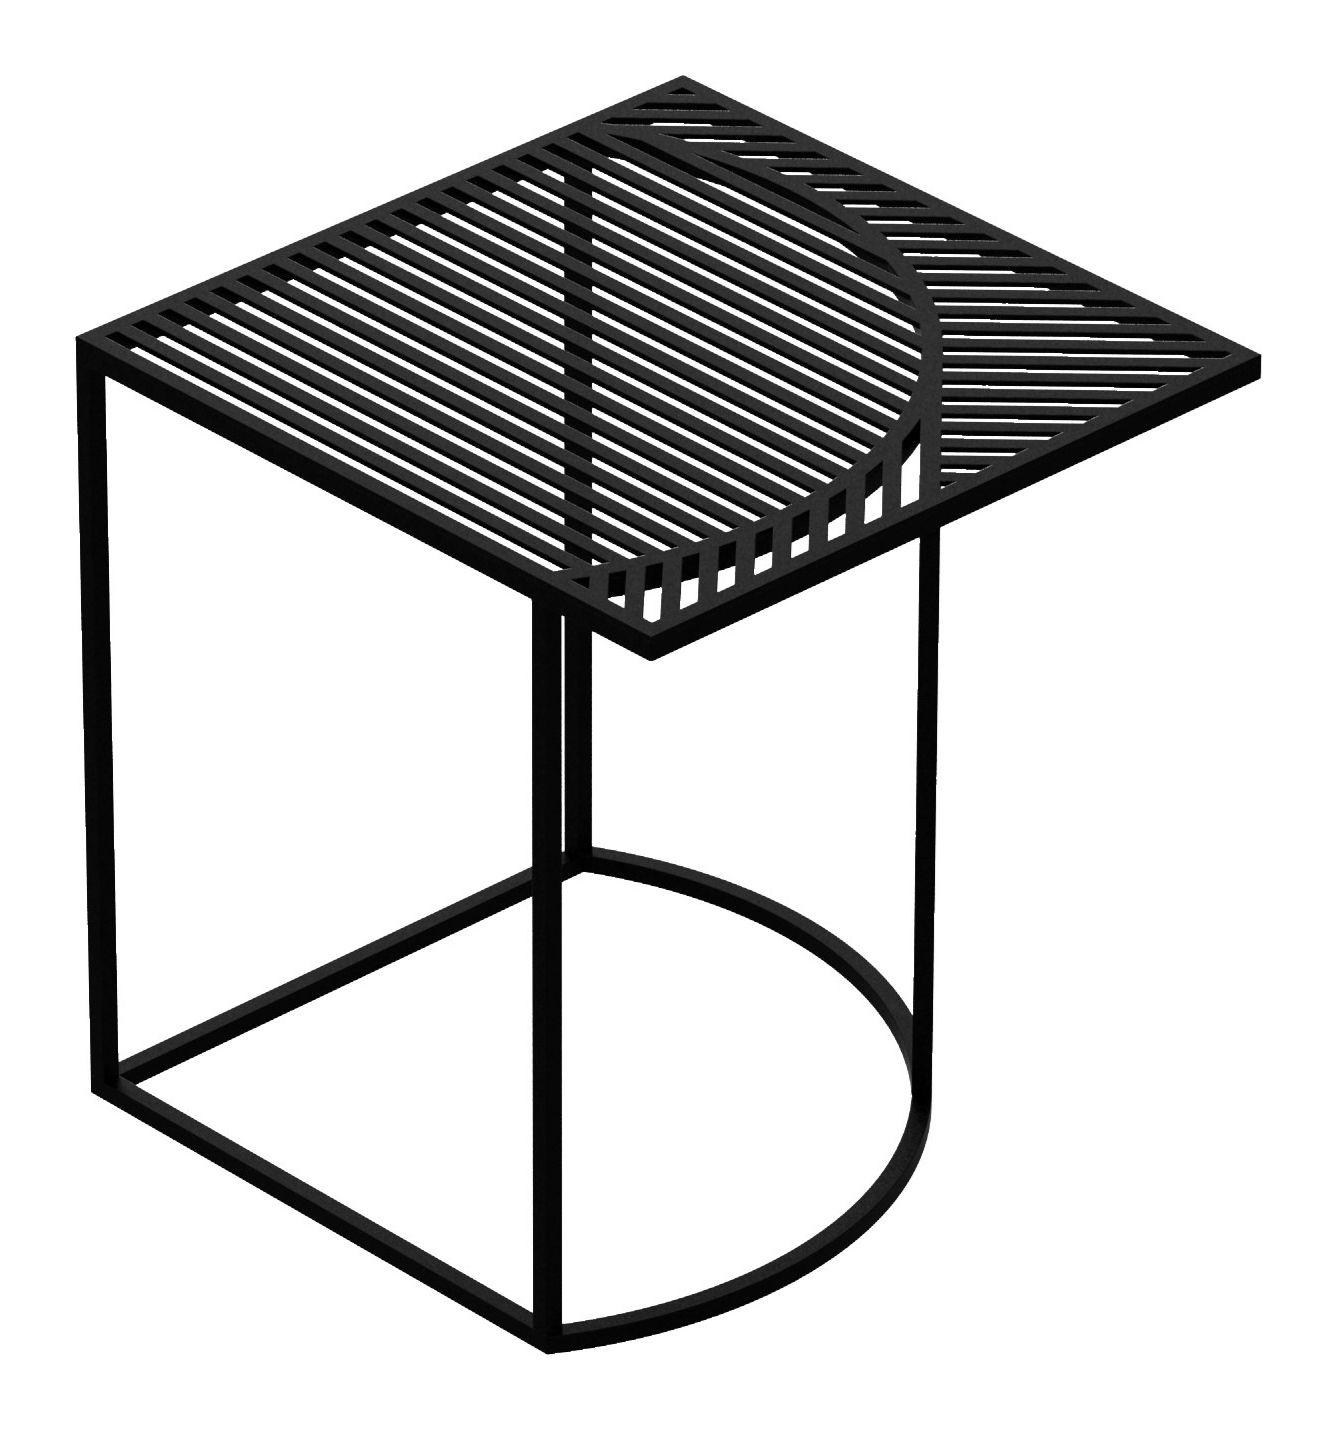 Möbel - Couchtische - Iso-B Couchtisch / 46 x 46 cm x H 48 cm - Petite Friture - Schwarz - thermolackierter Stahl